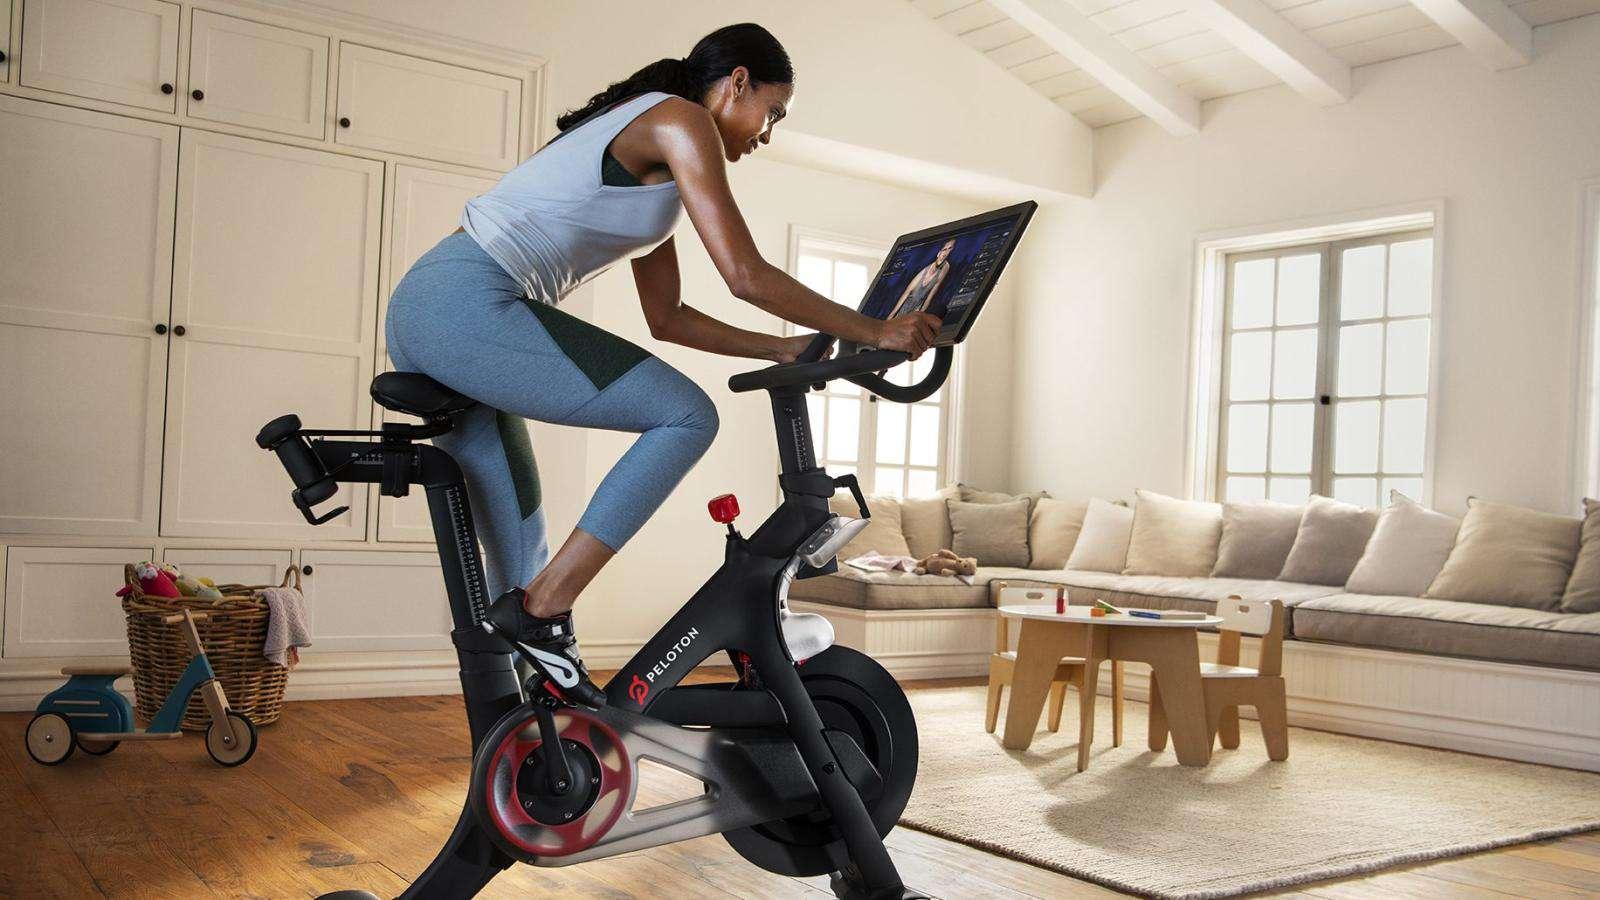 peleton spin bike